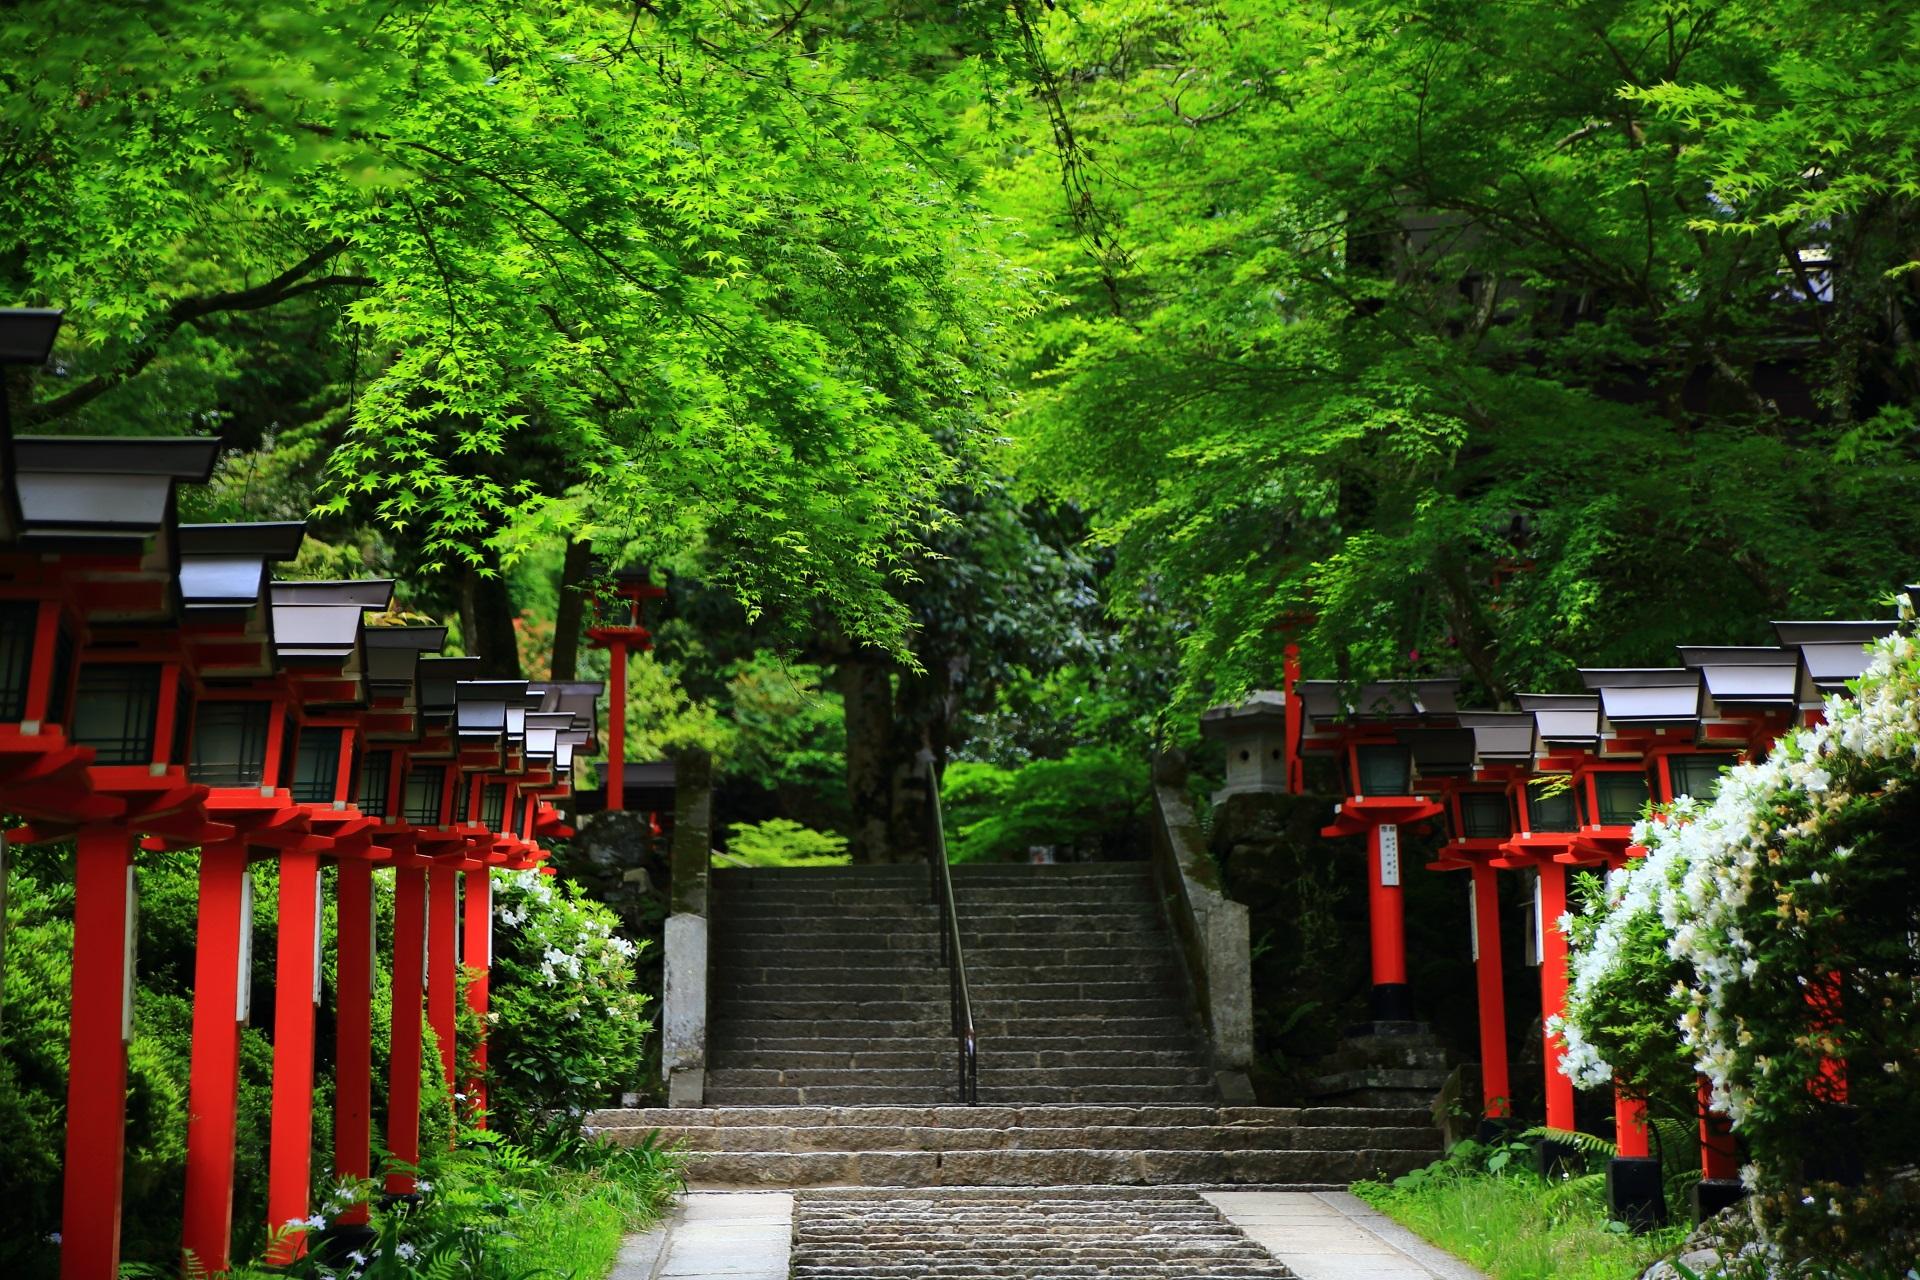 鞍馬寺の赤い灯籠が並ぶ参道と新緑